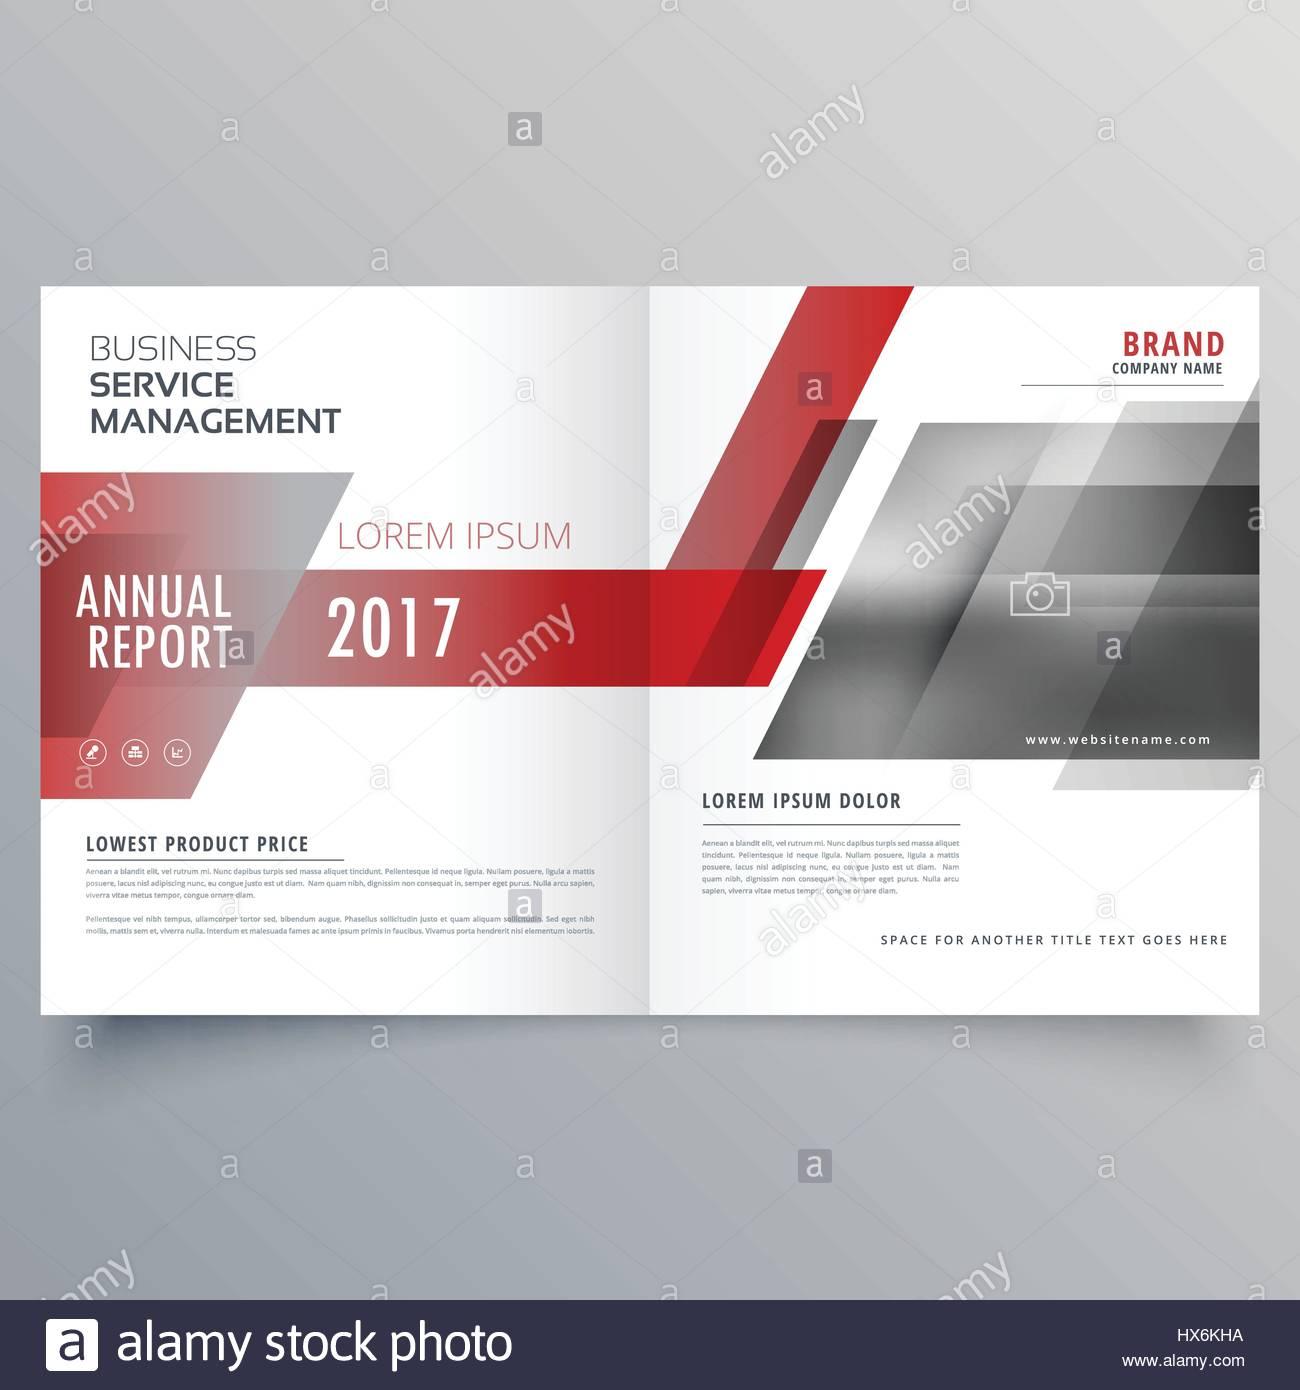 Stylish brand identity business magazine cover page template stock stylish brand identity business magazine cover page template friedricerecipe Choice Image